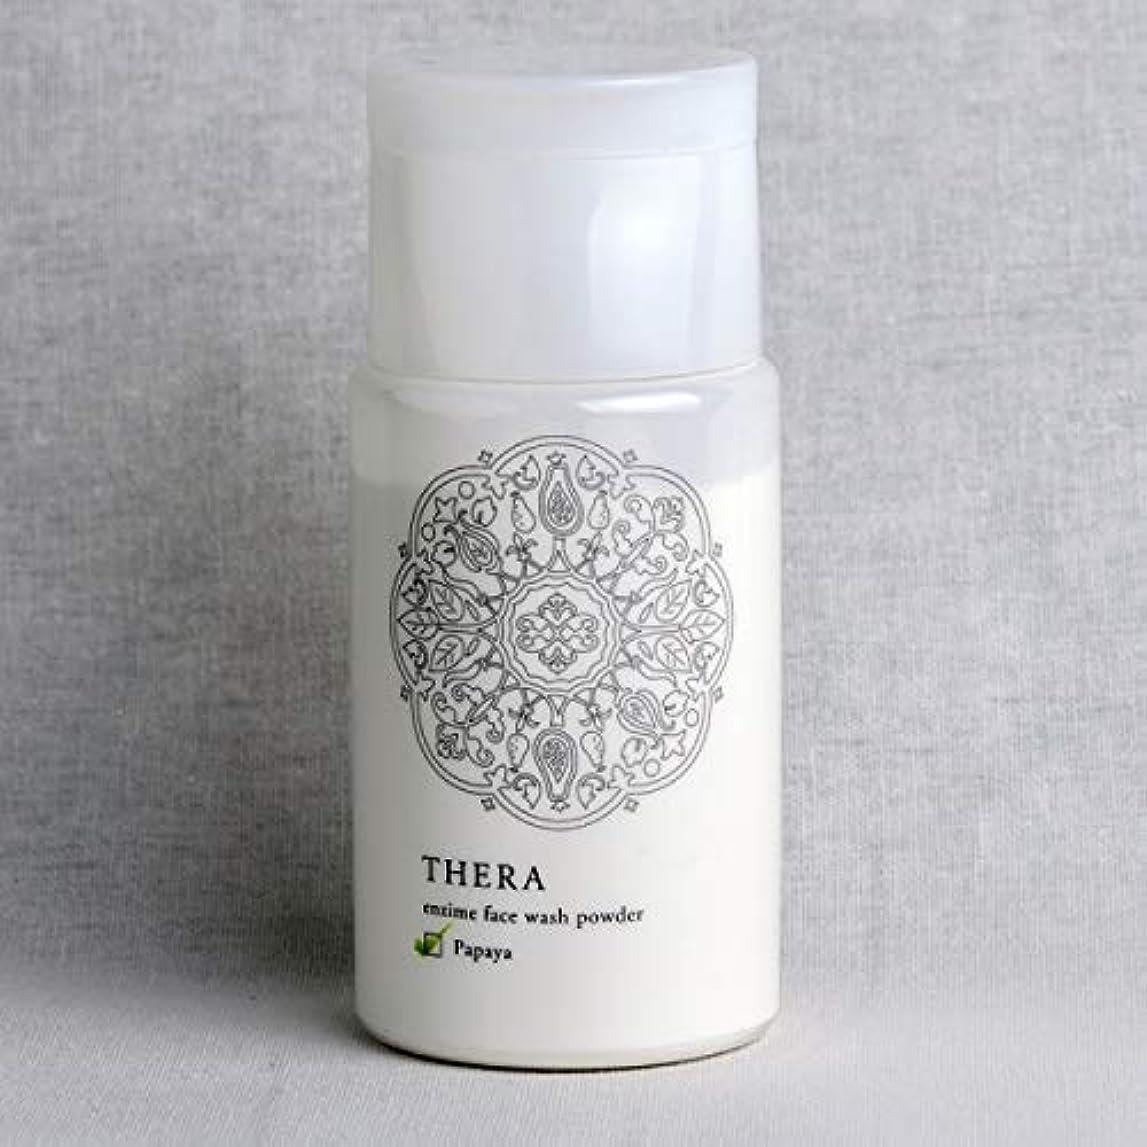 縮れた米ドル郵便THERA(テラ) 酵素のあらい粉 洗顔 しろ 50g